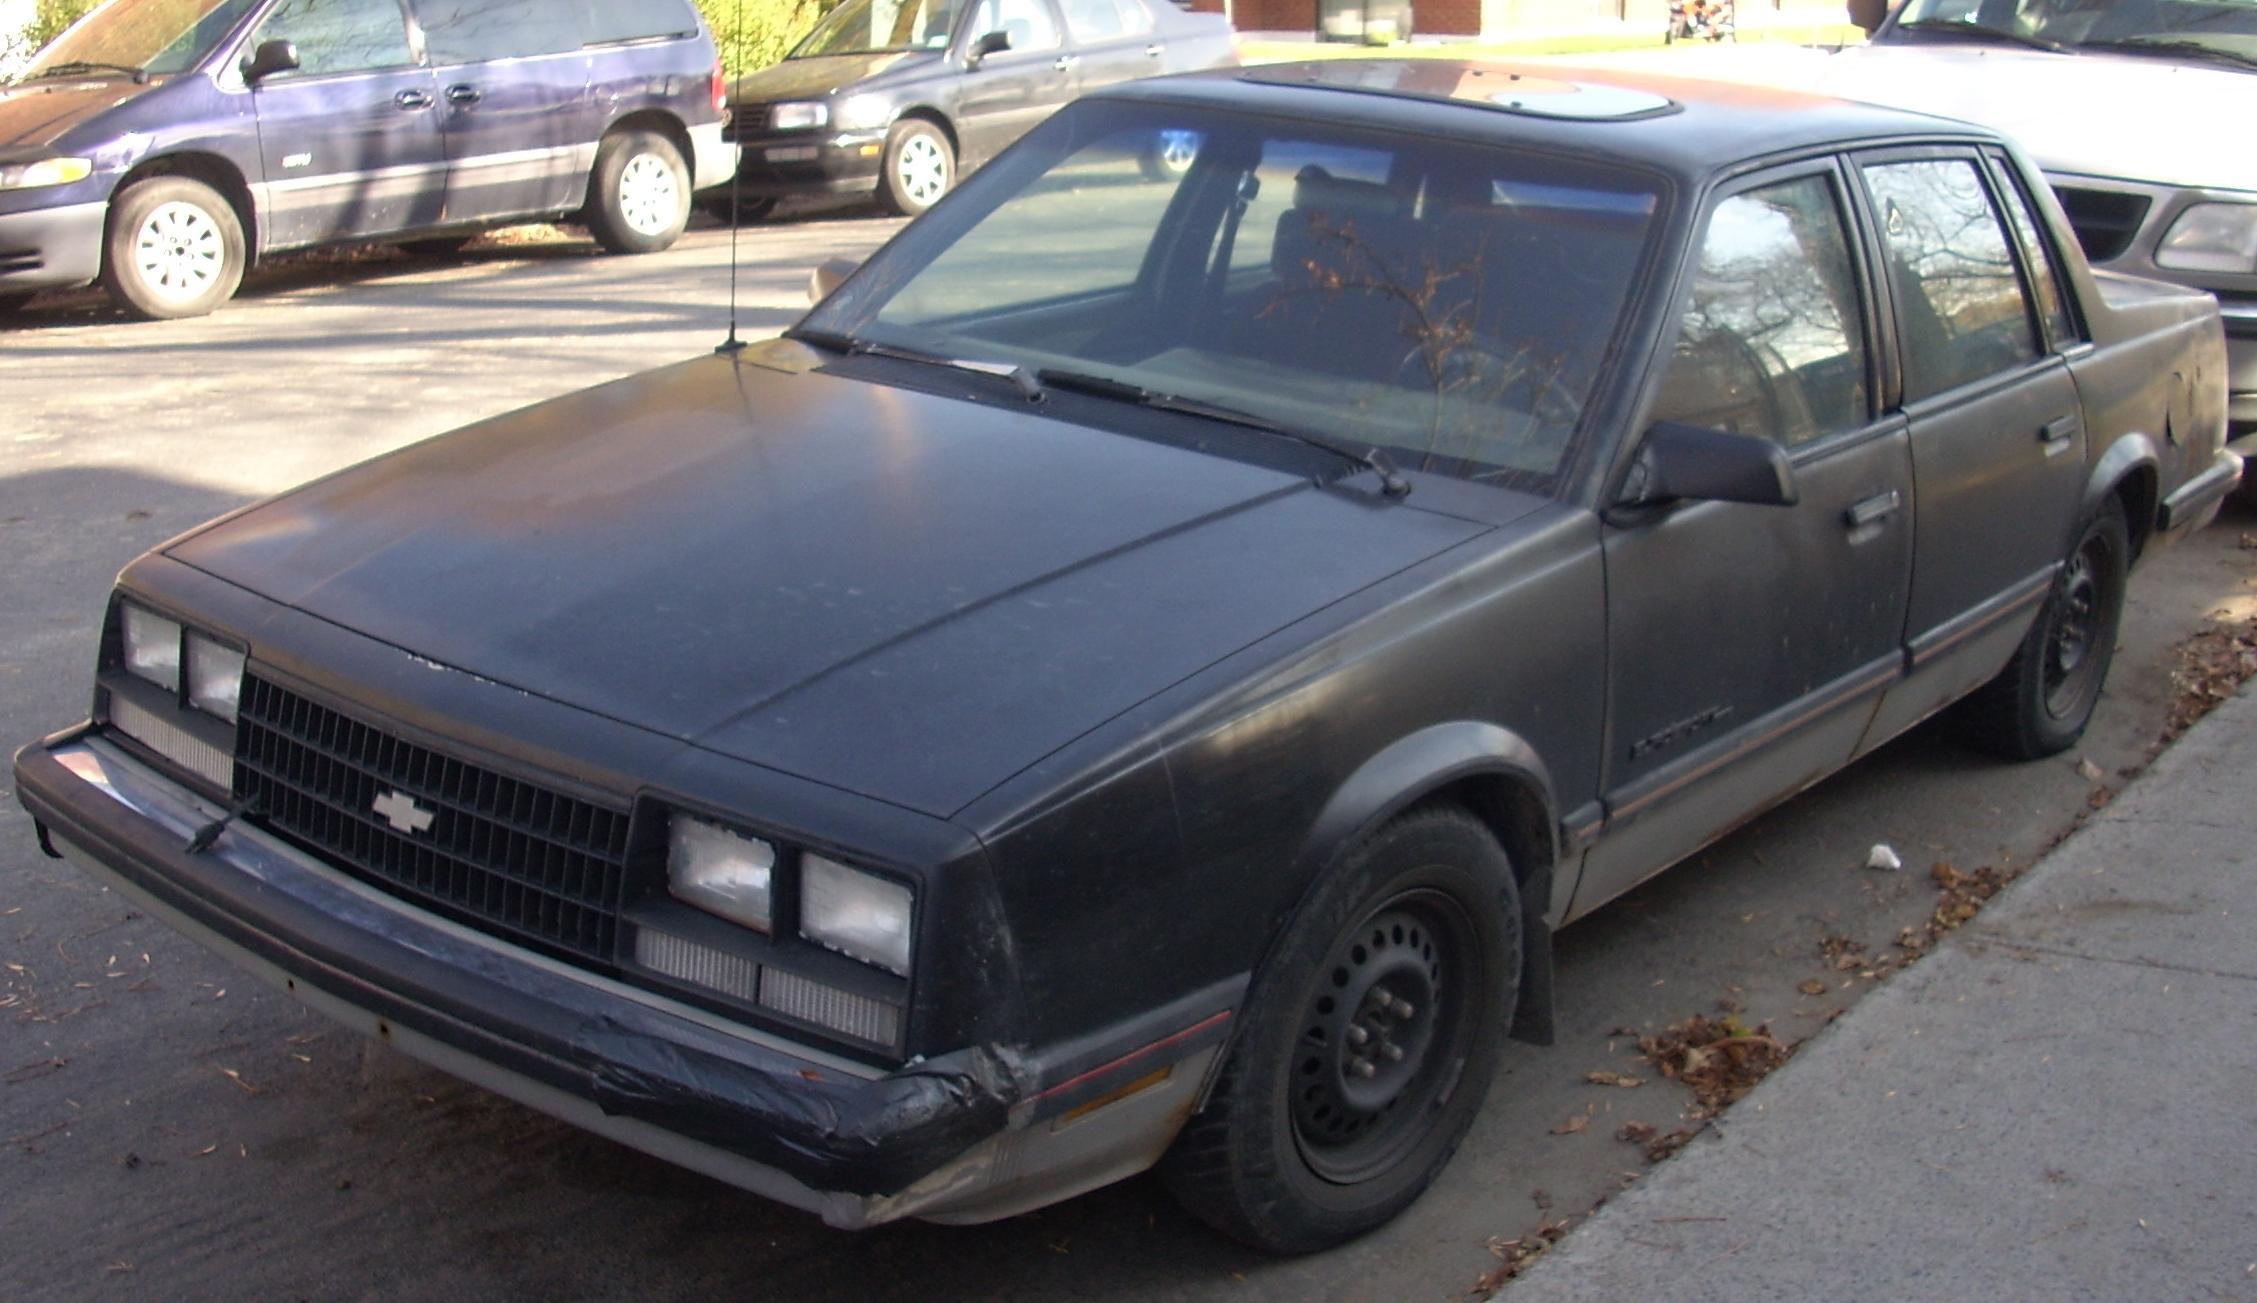 Chevrolet Citation - Wikipedia